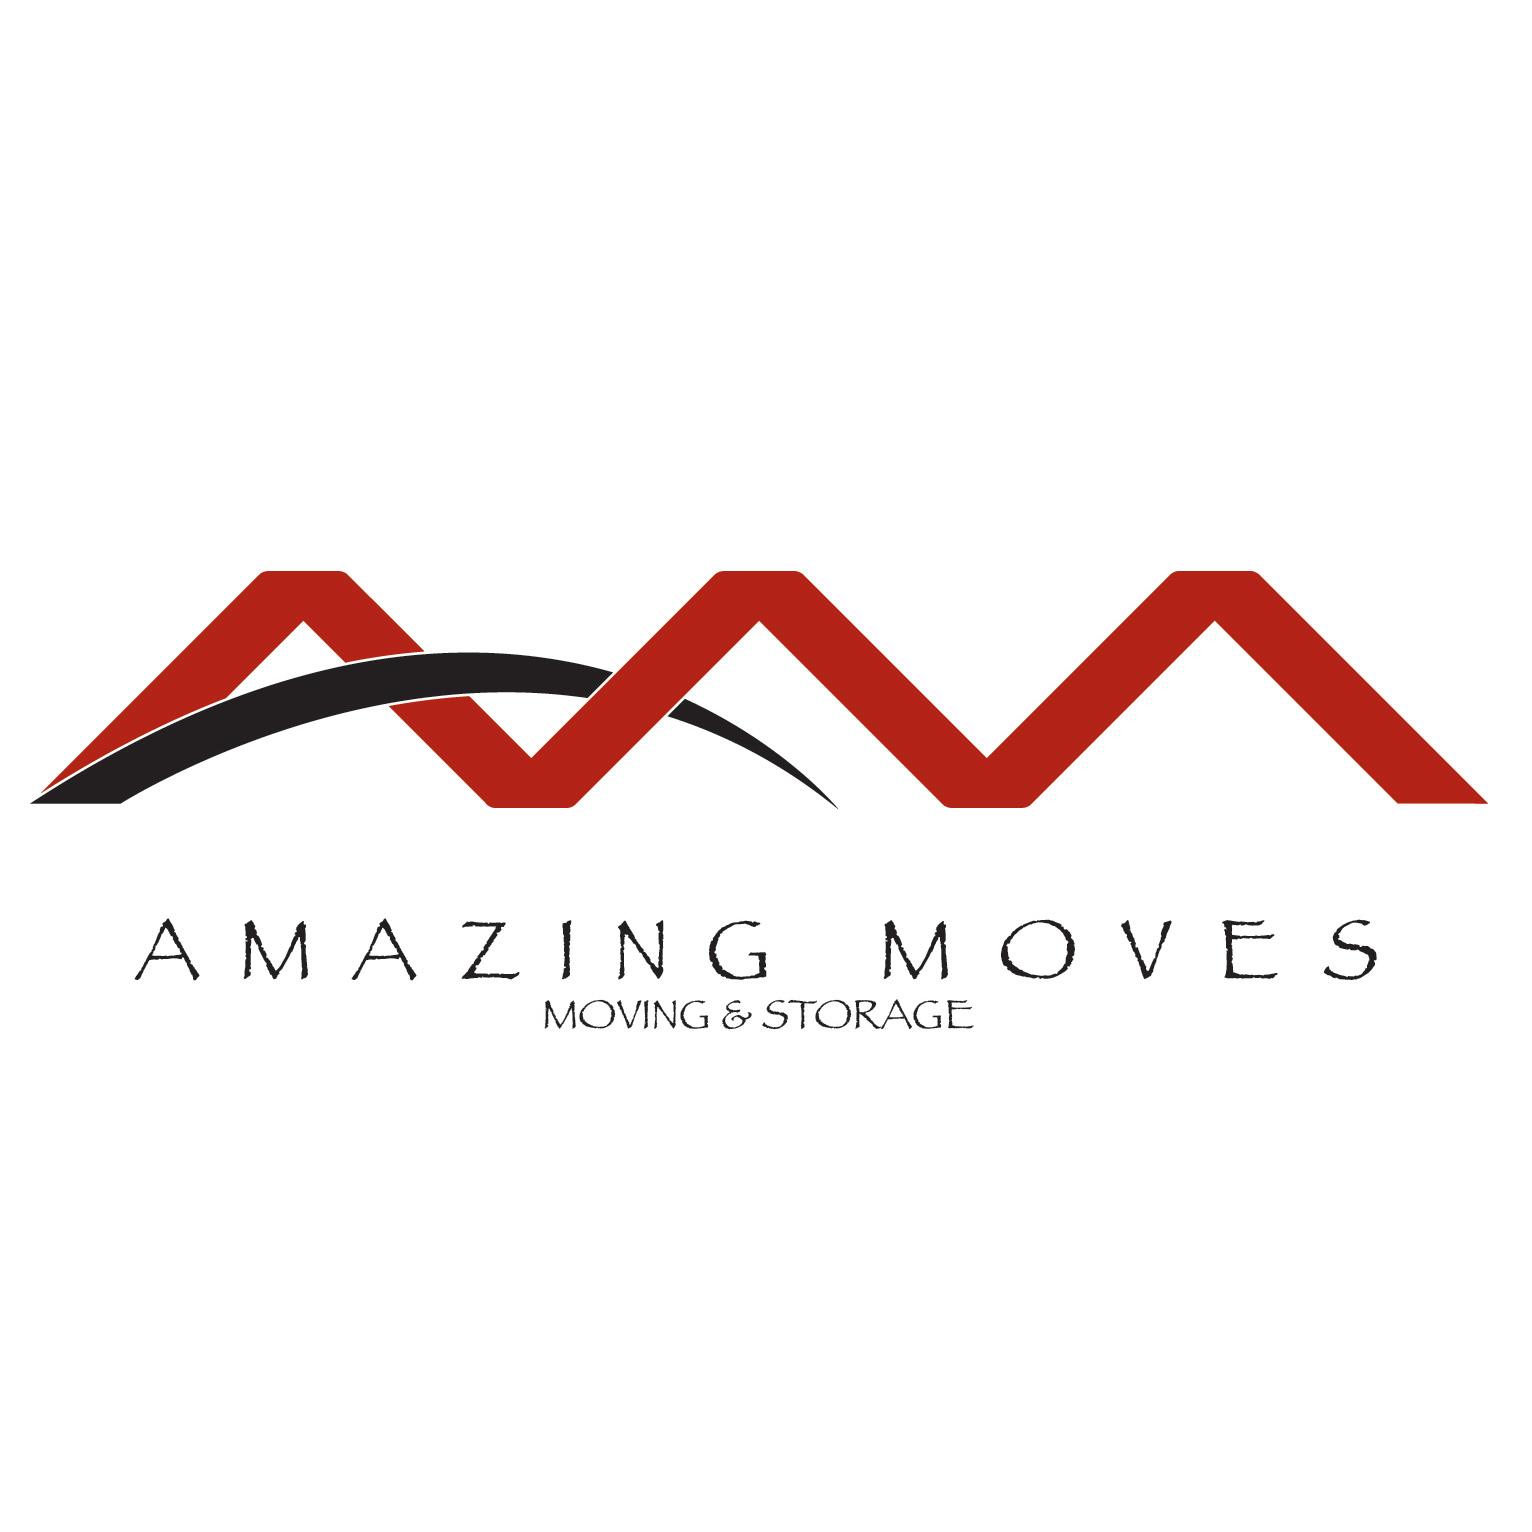 Amazing Moves Moving & Storage